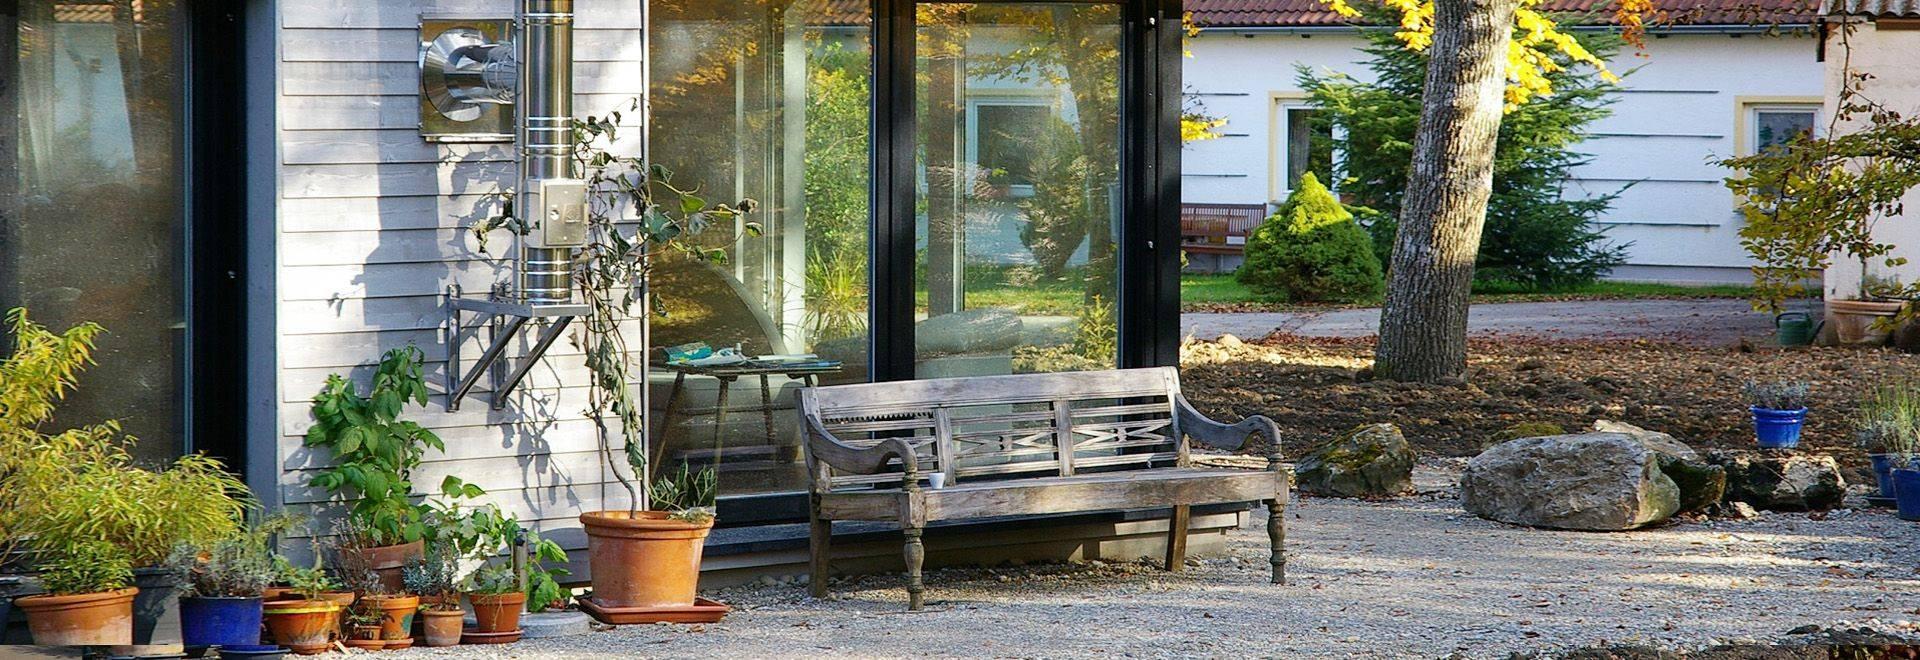 Rosskopf Holzhaus holzhaus rosskopf